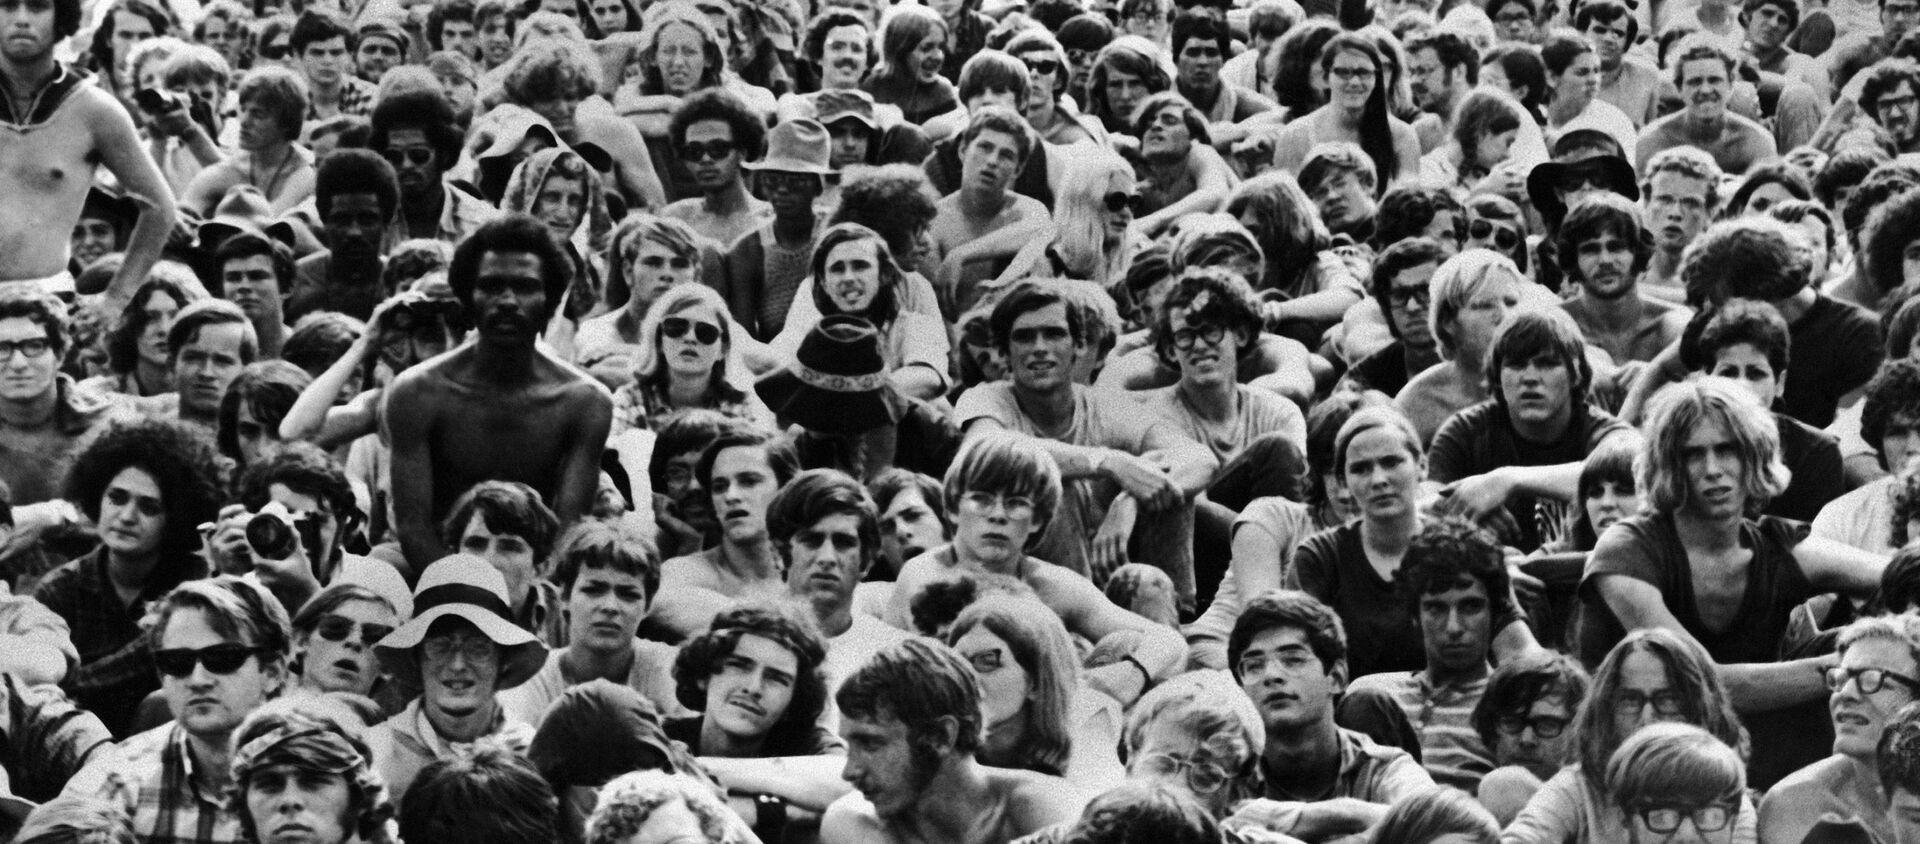 Festival de Woodstock en 1969 - Sputnik Mundo, 1920, 15.08.2019